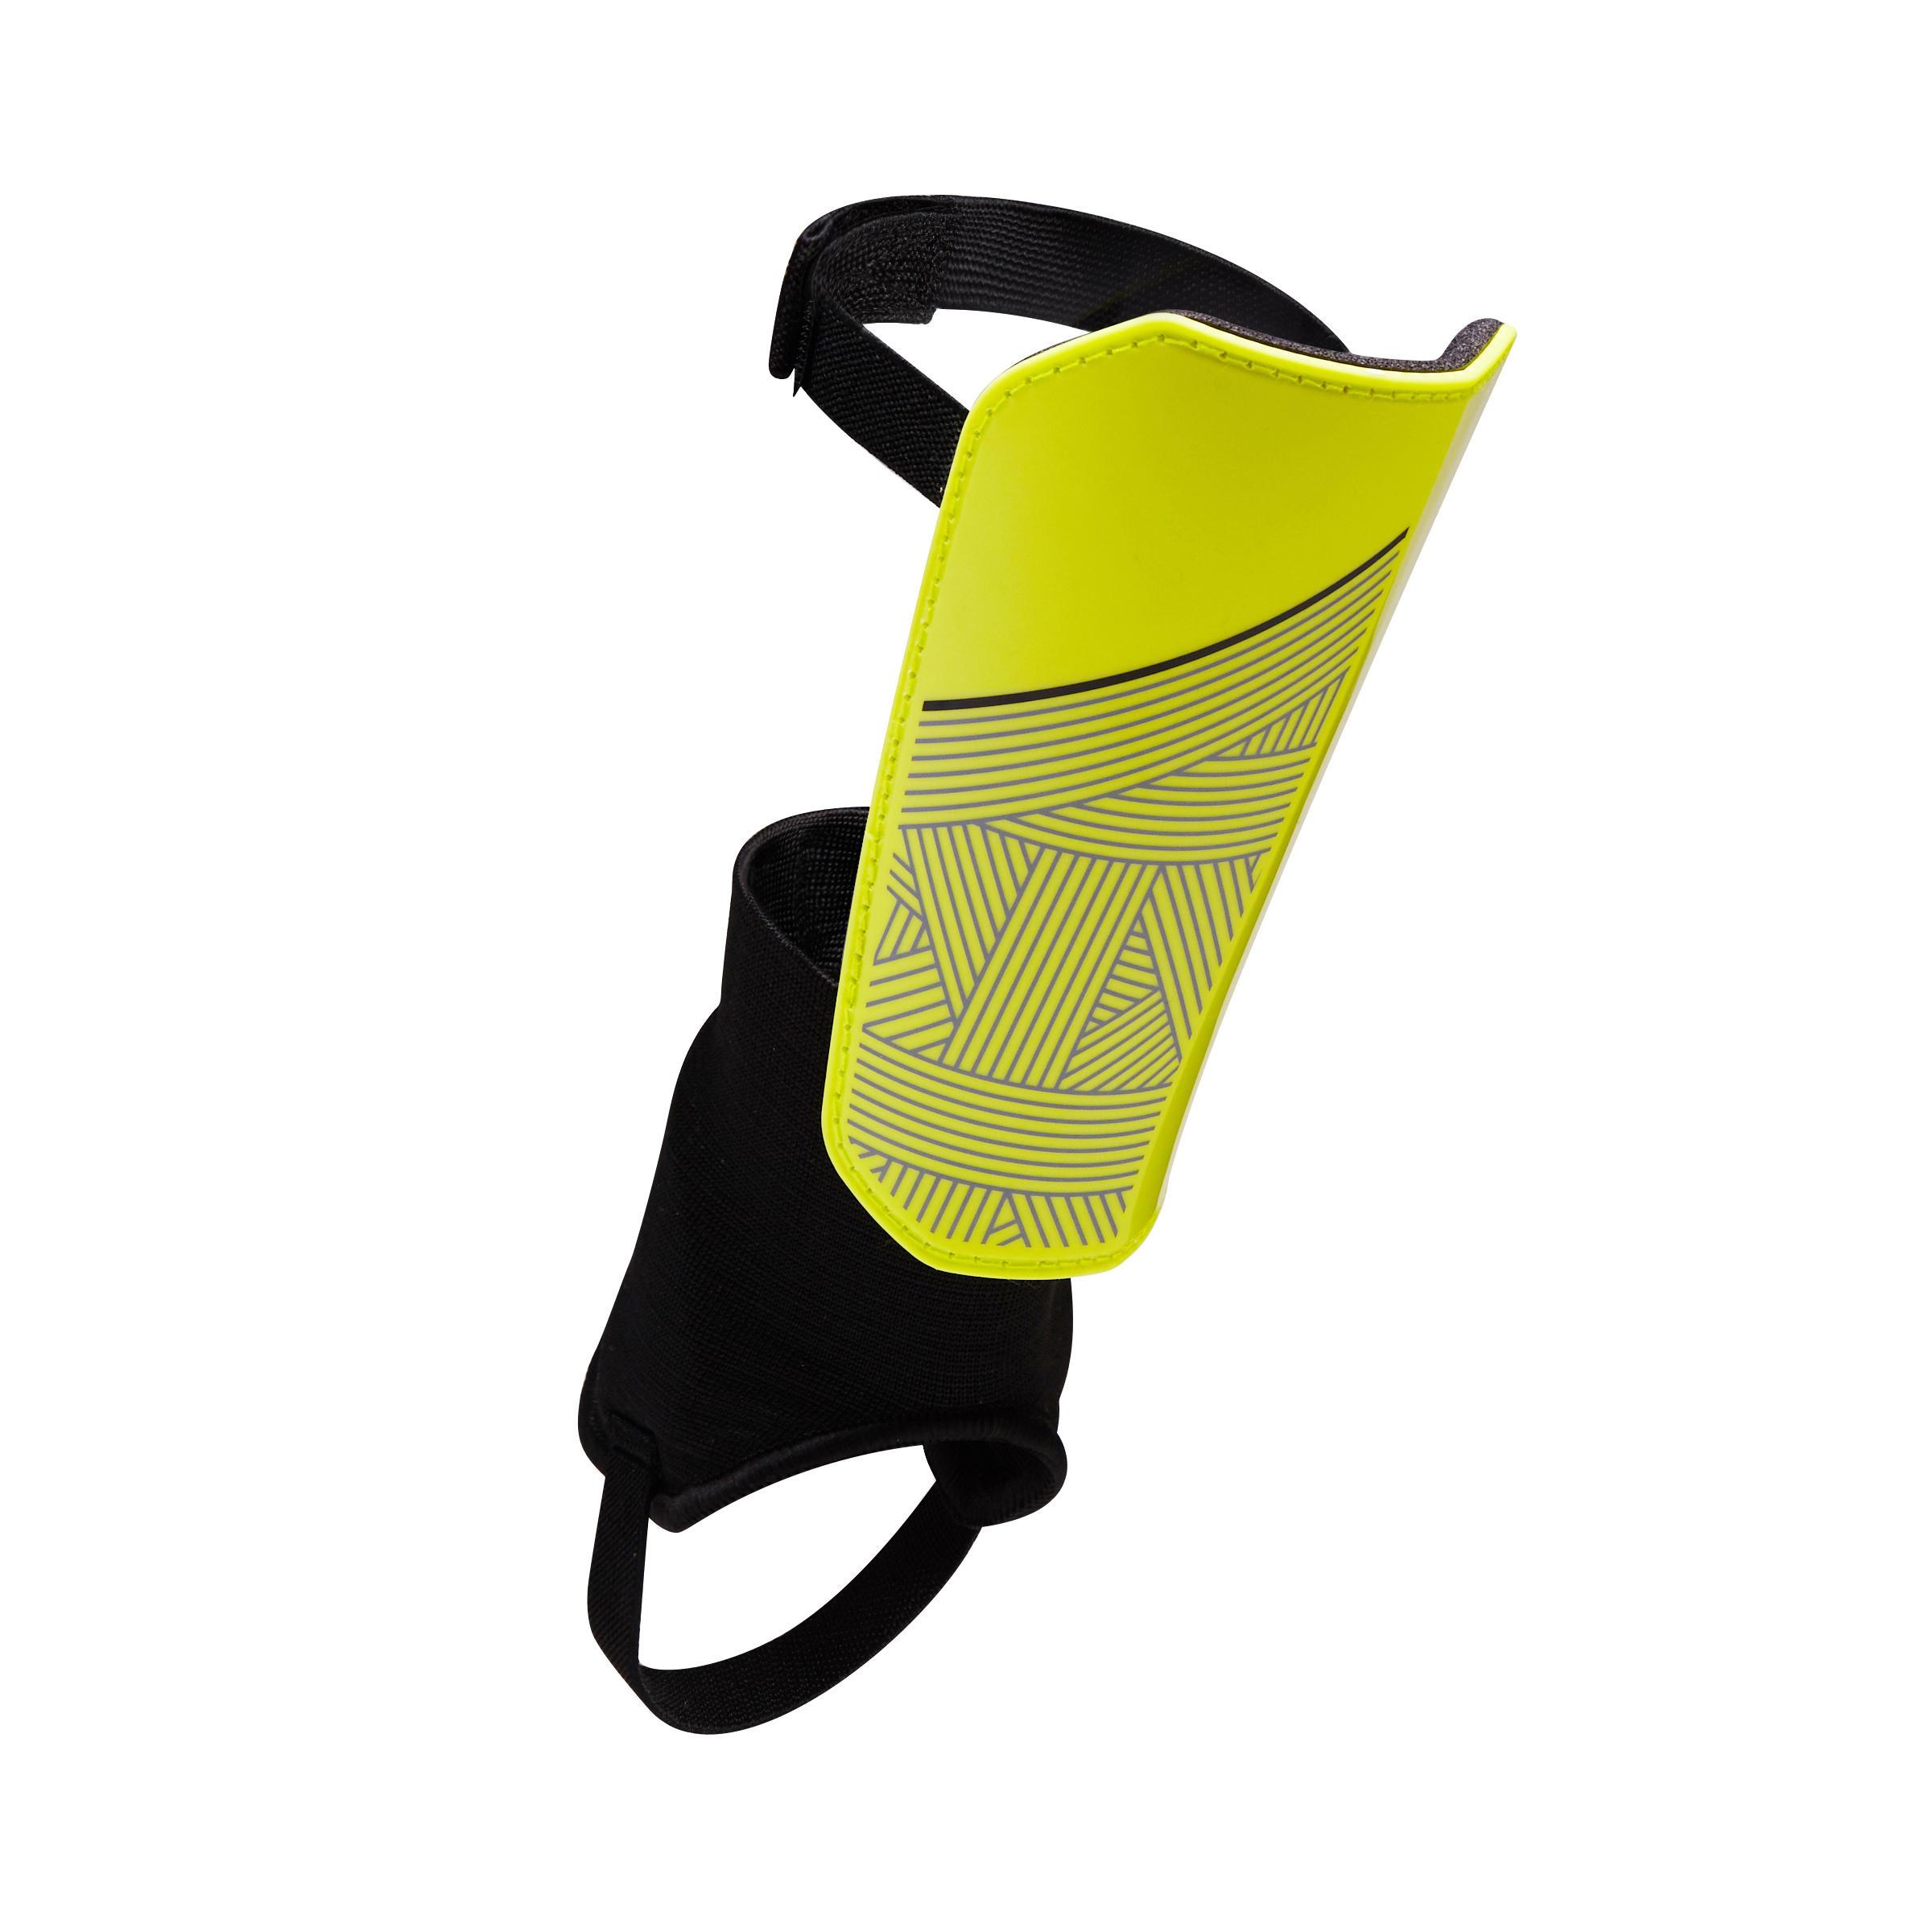 Protège-tibia de soccer adulte F140 (chevillère détachable) jaune noir